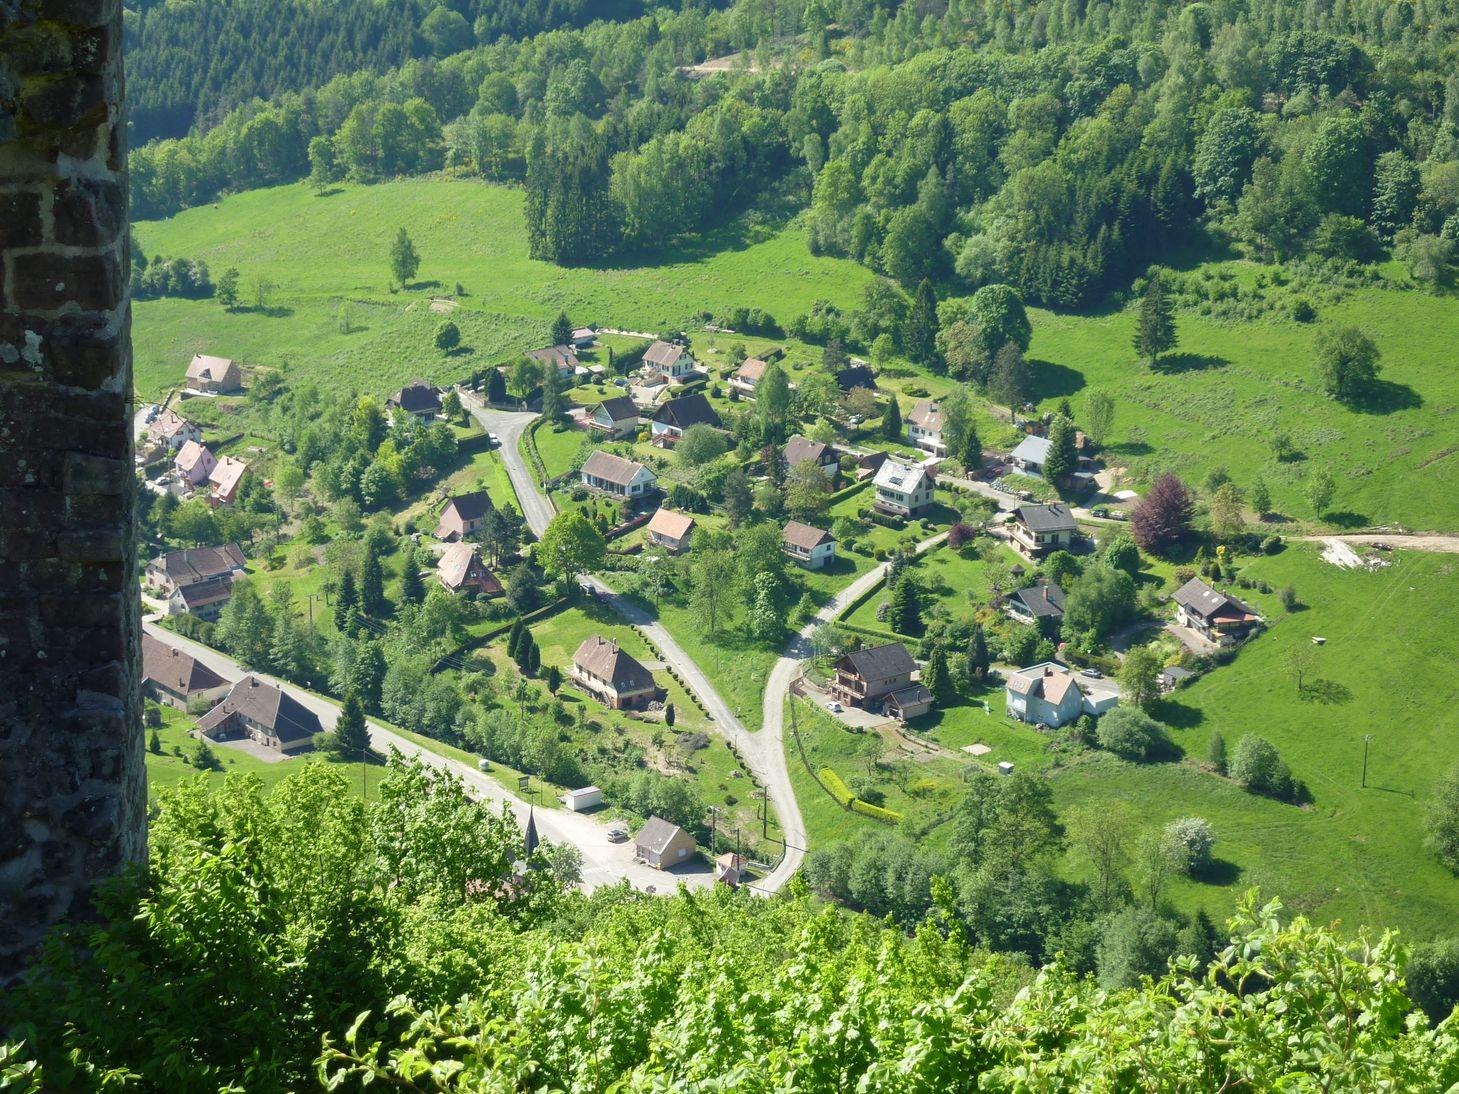 vue-du-lotissement-depuis-le-chateau-du-bilstein